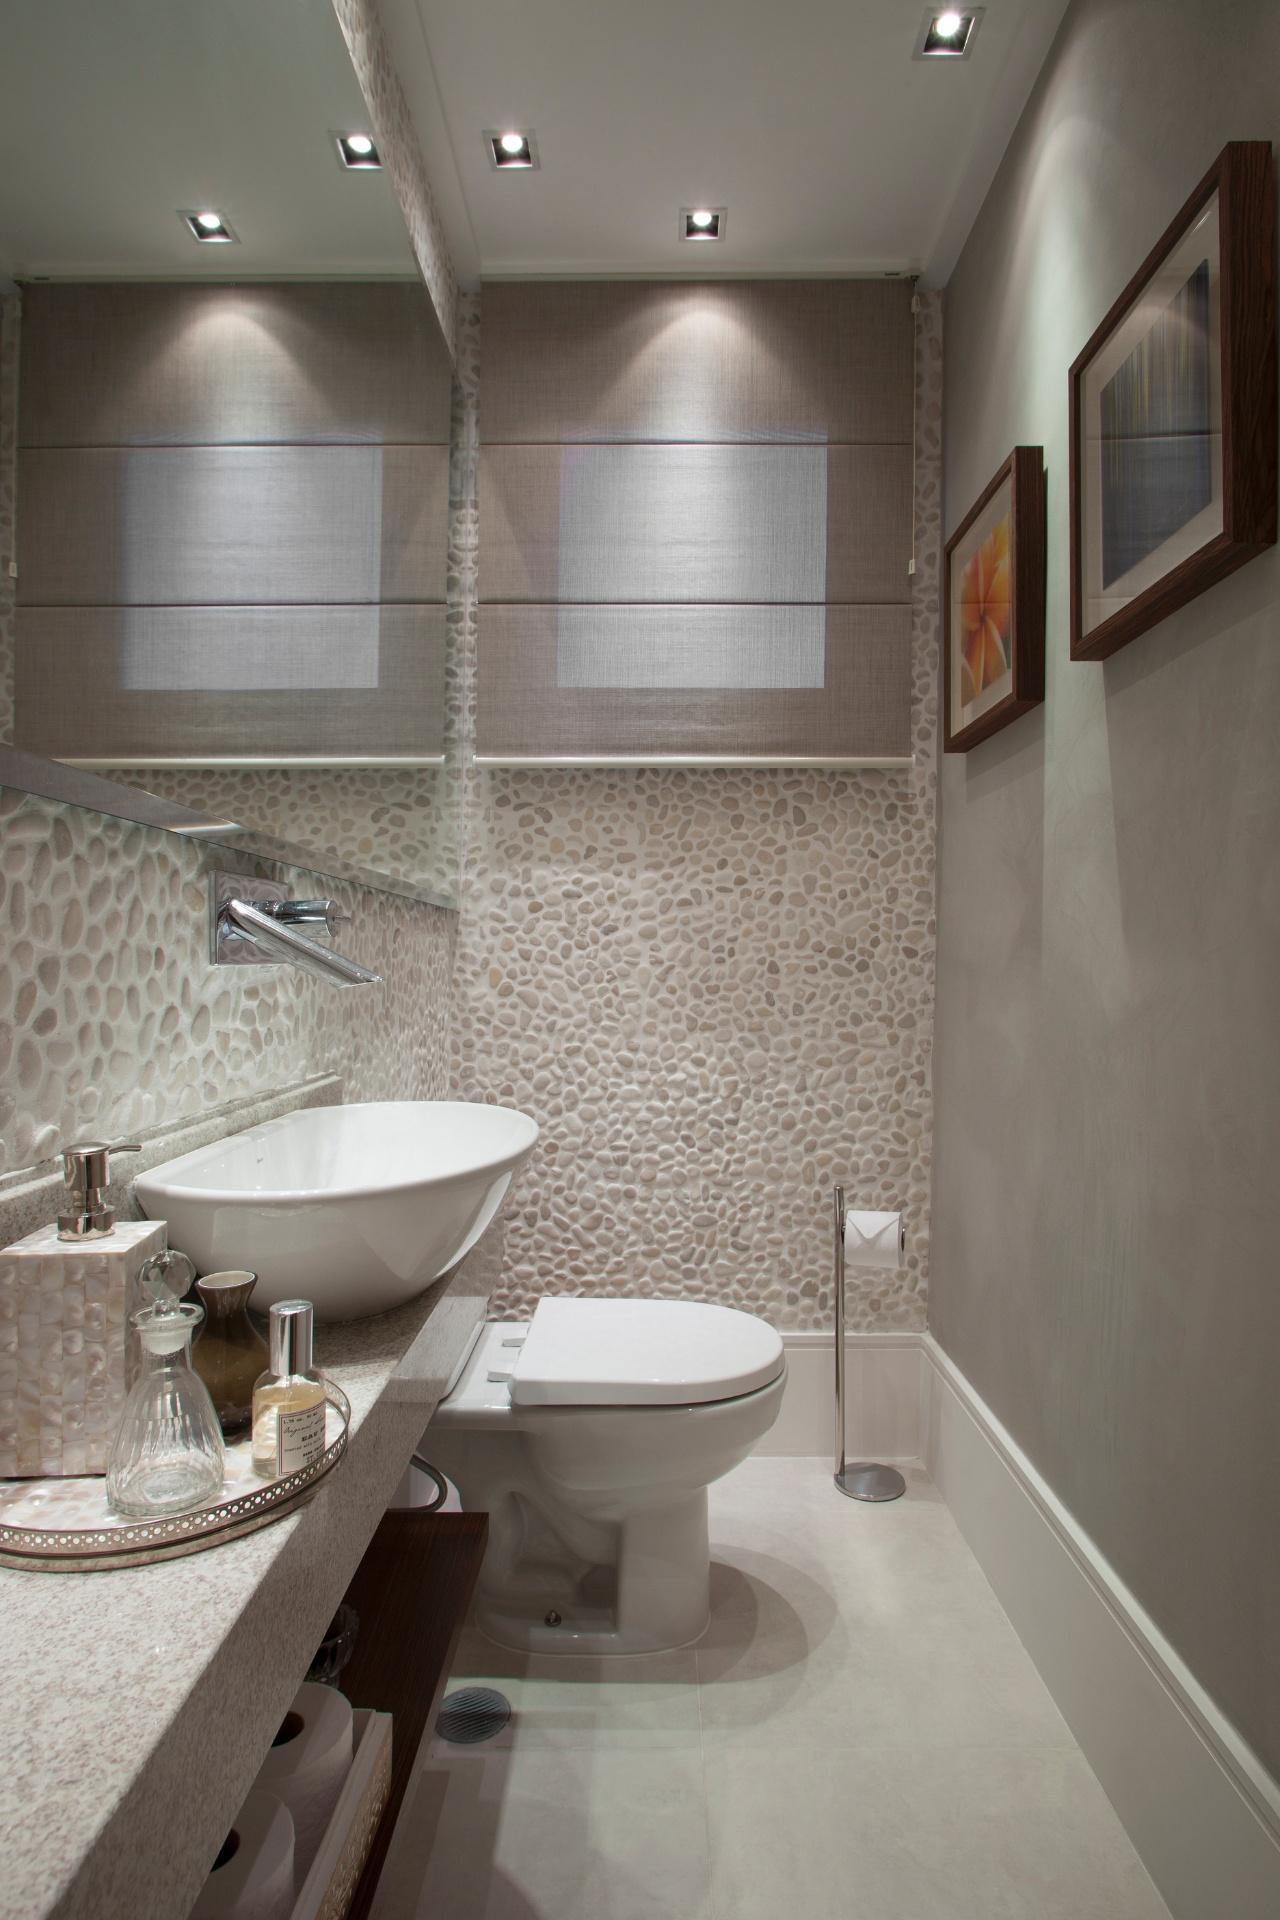 Lavabos  Casa e Decoração  UOL Mulher -> Banheiro Decorado Com Cimento Queimado